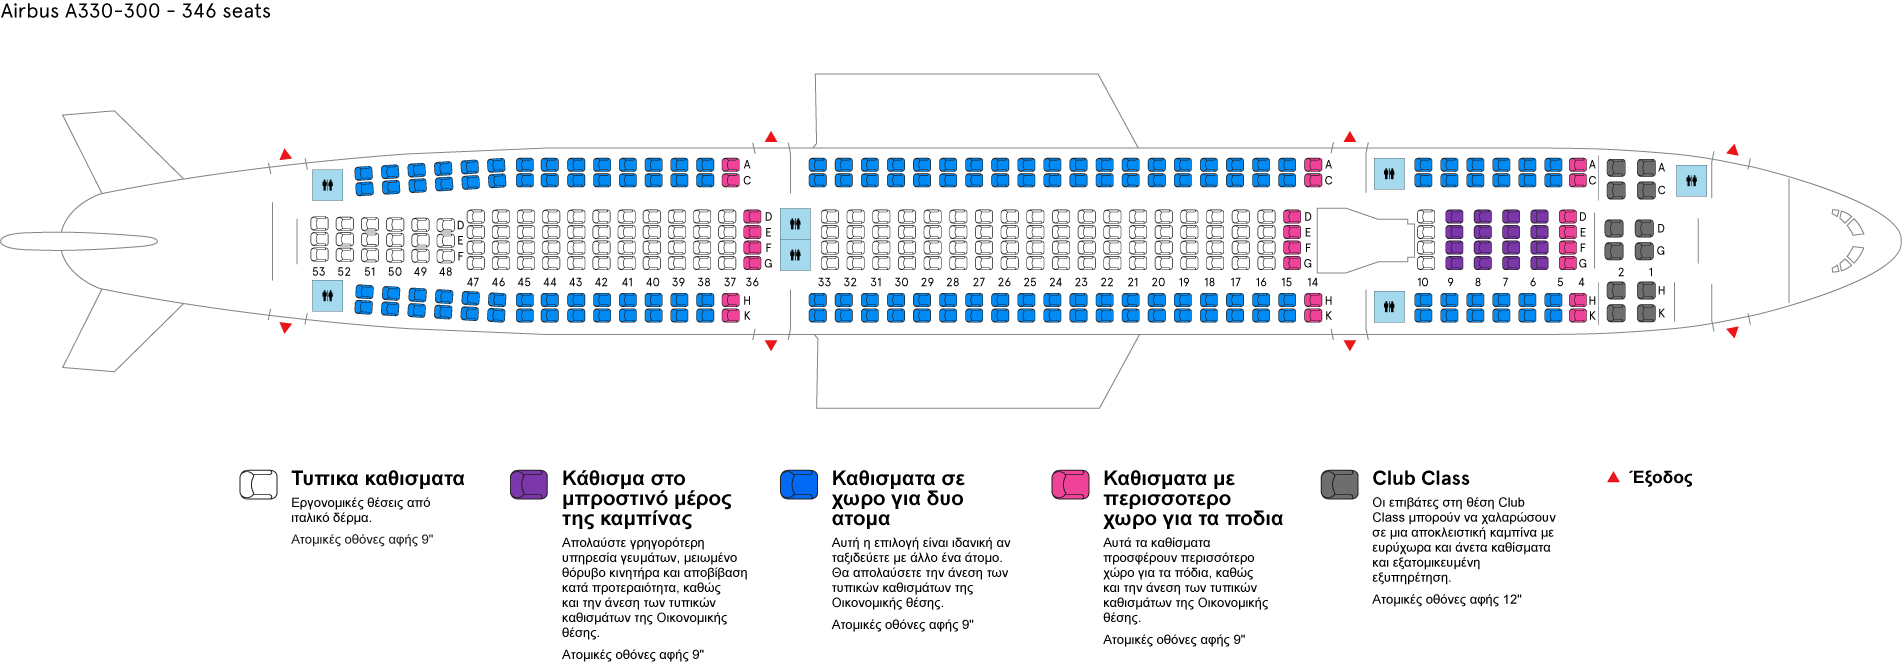 Καμπίνα αεροσκάφους Airbus A330-300 Air Transat